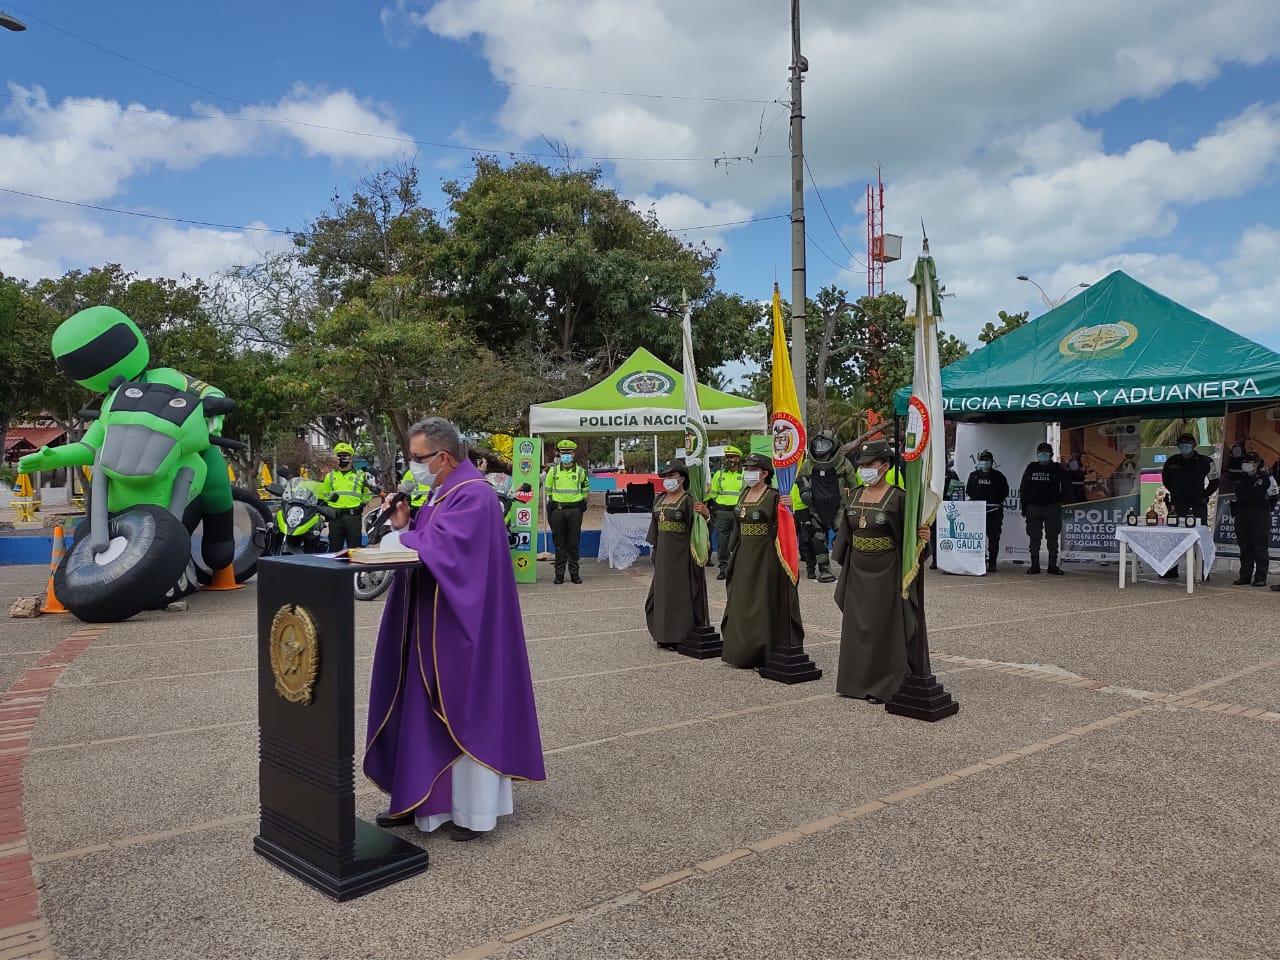 https://www.notasrosas.com/Semana Santa en La Guajira estará bajo la vigilancia de mil 800 uniformados de la Policía Nacional